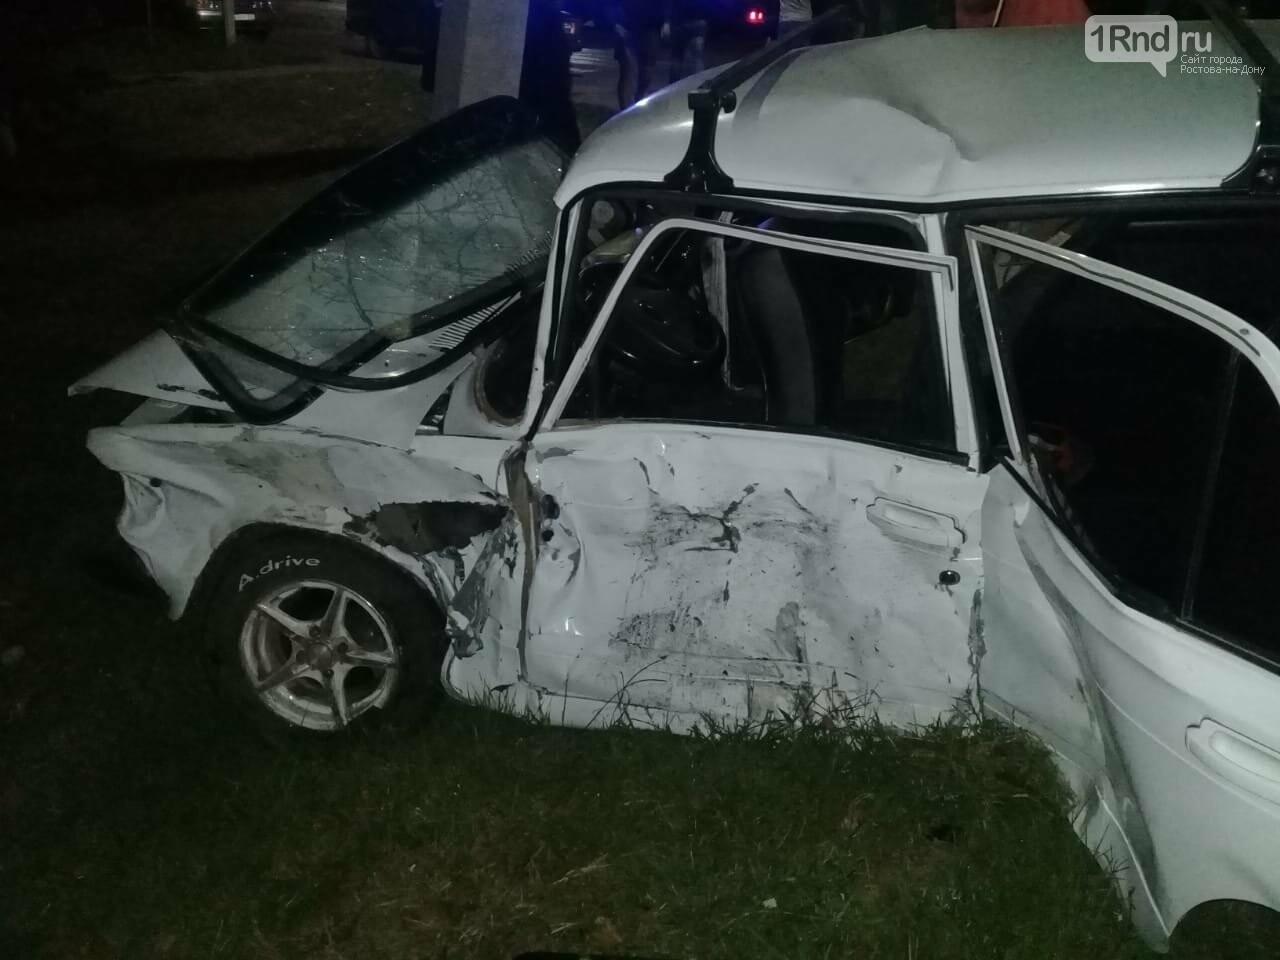 Трое подростков получили ранения при ДТП в Ростовской области, фото-2